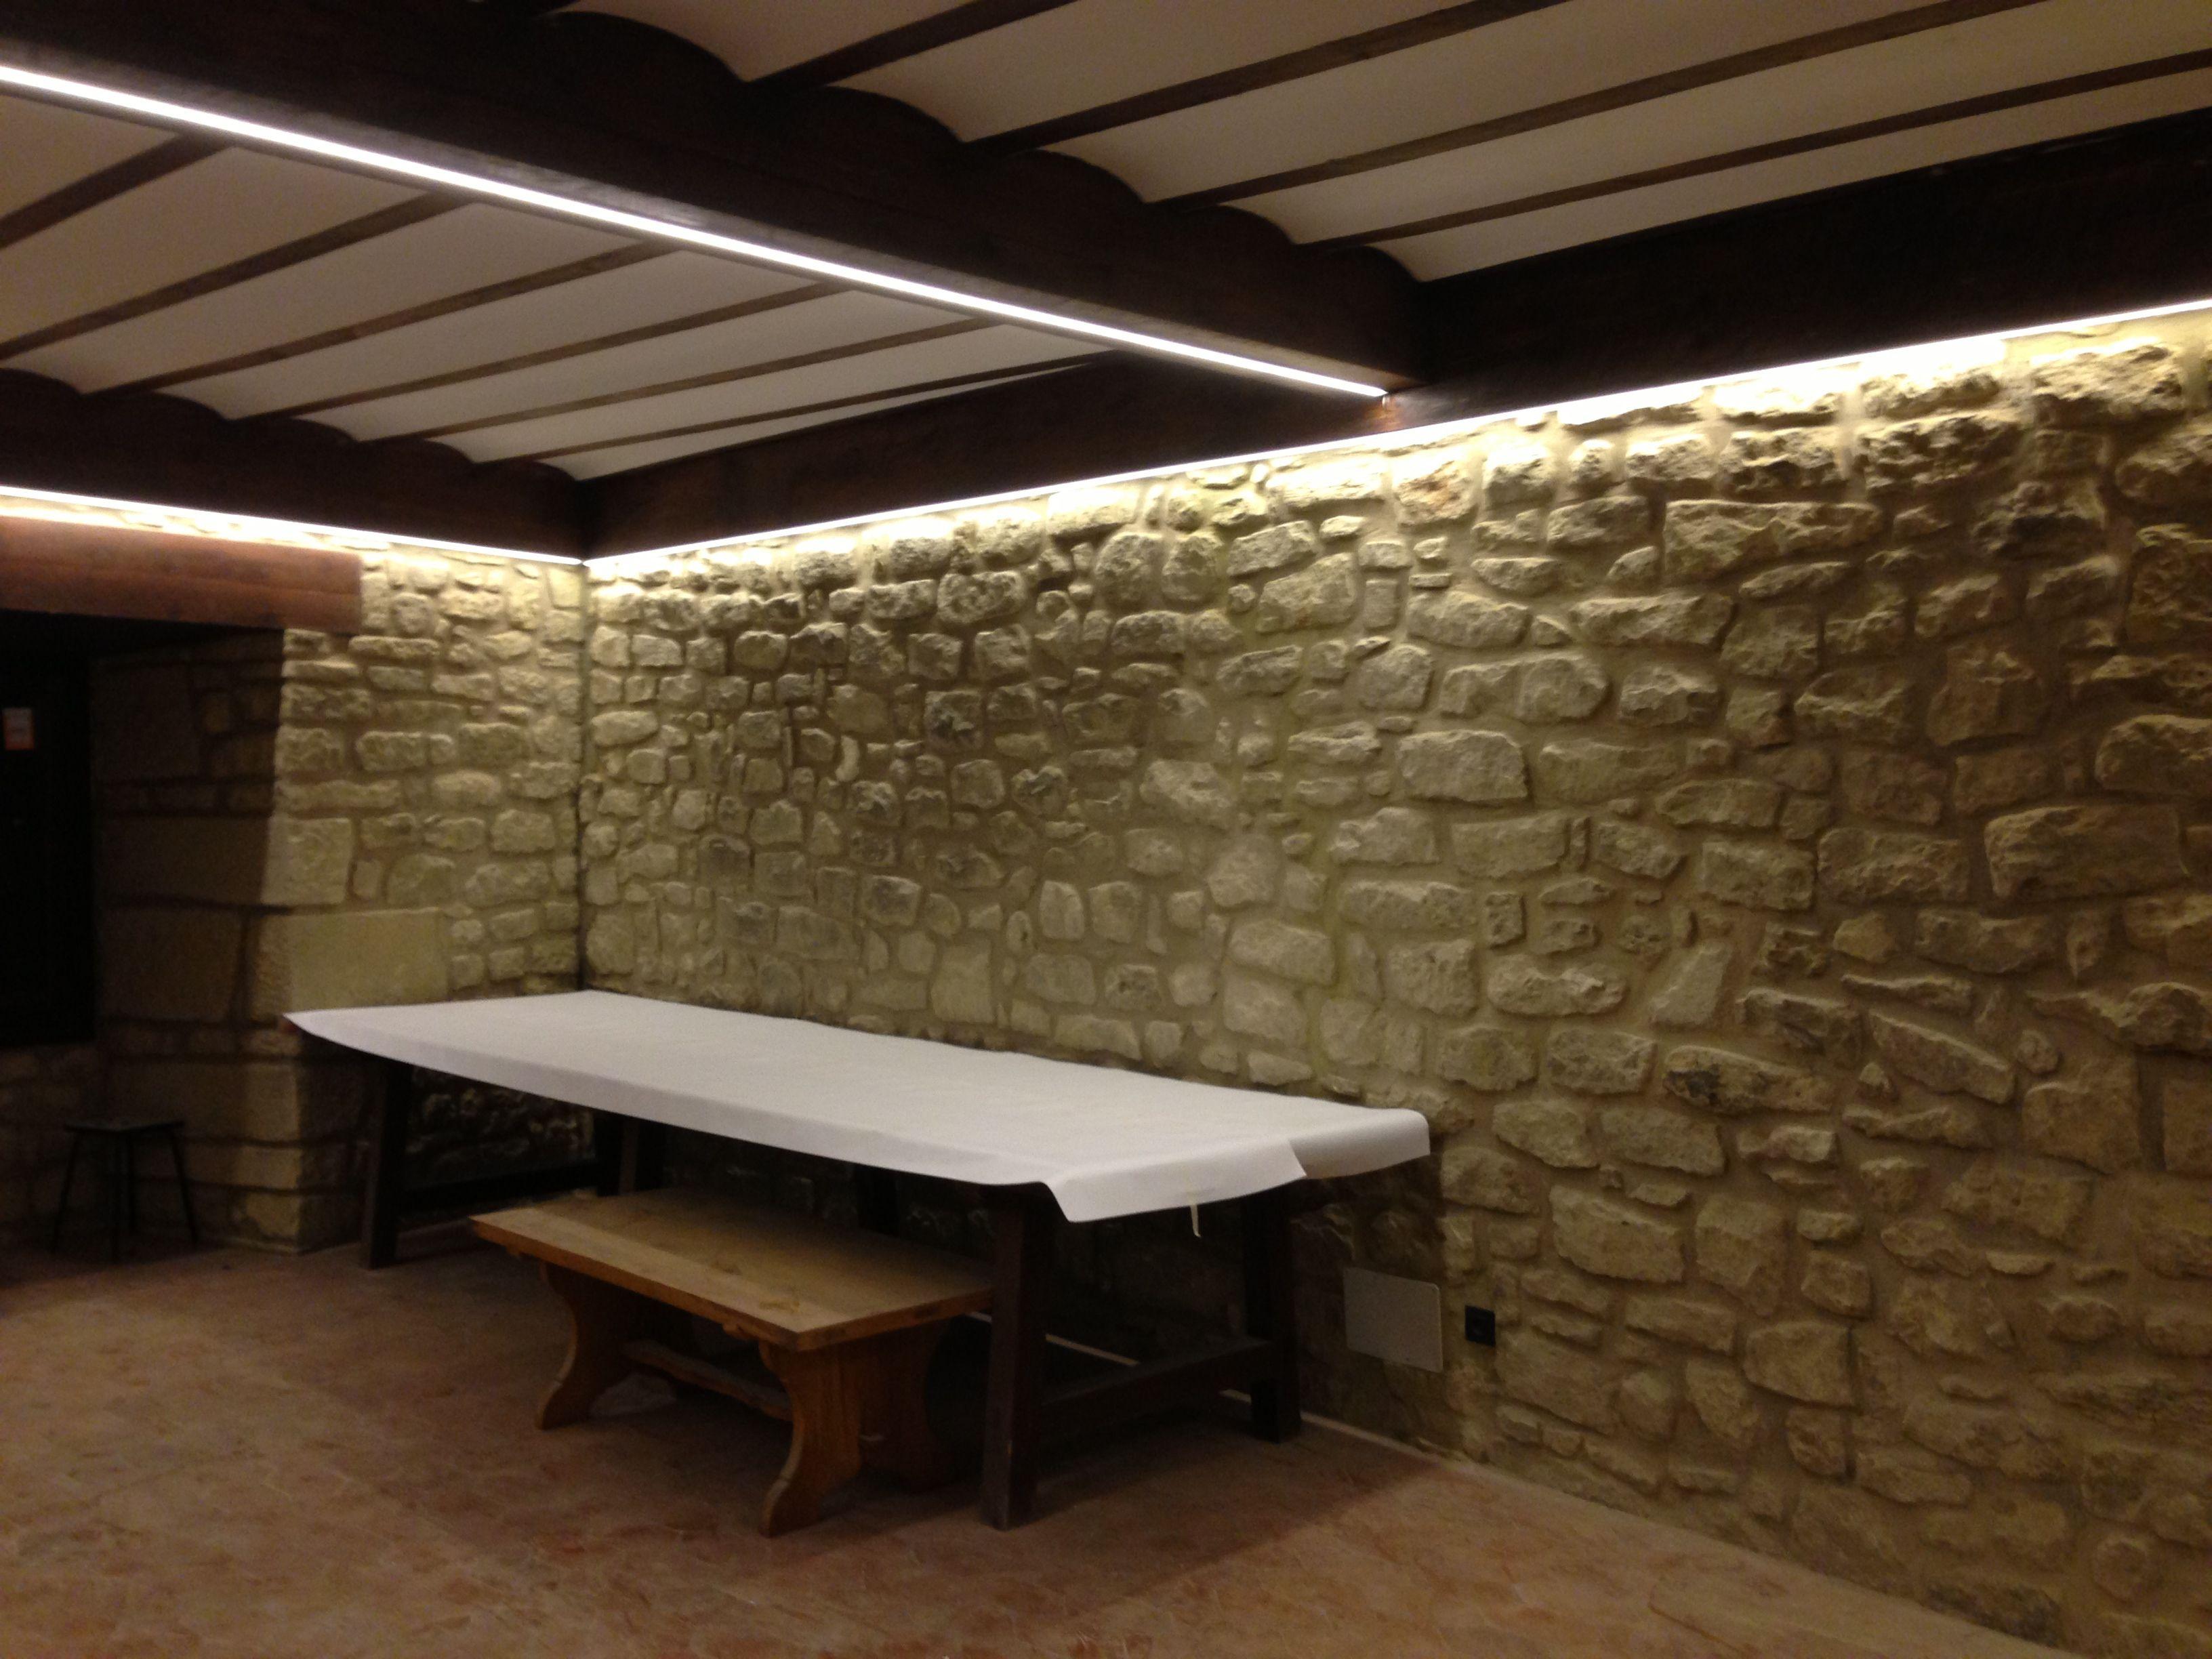 Iluminaci n led interior locales iluminacion led - Iluminacion interior led ...